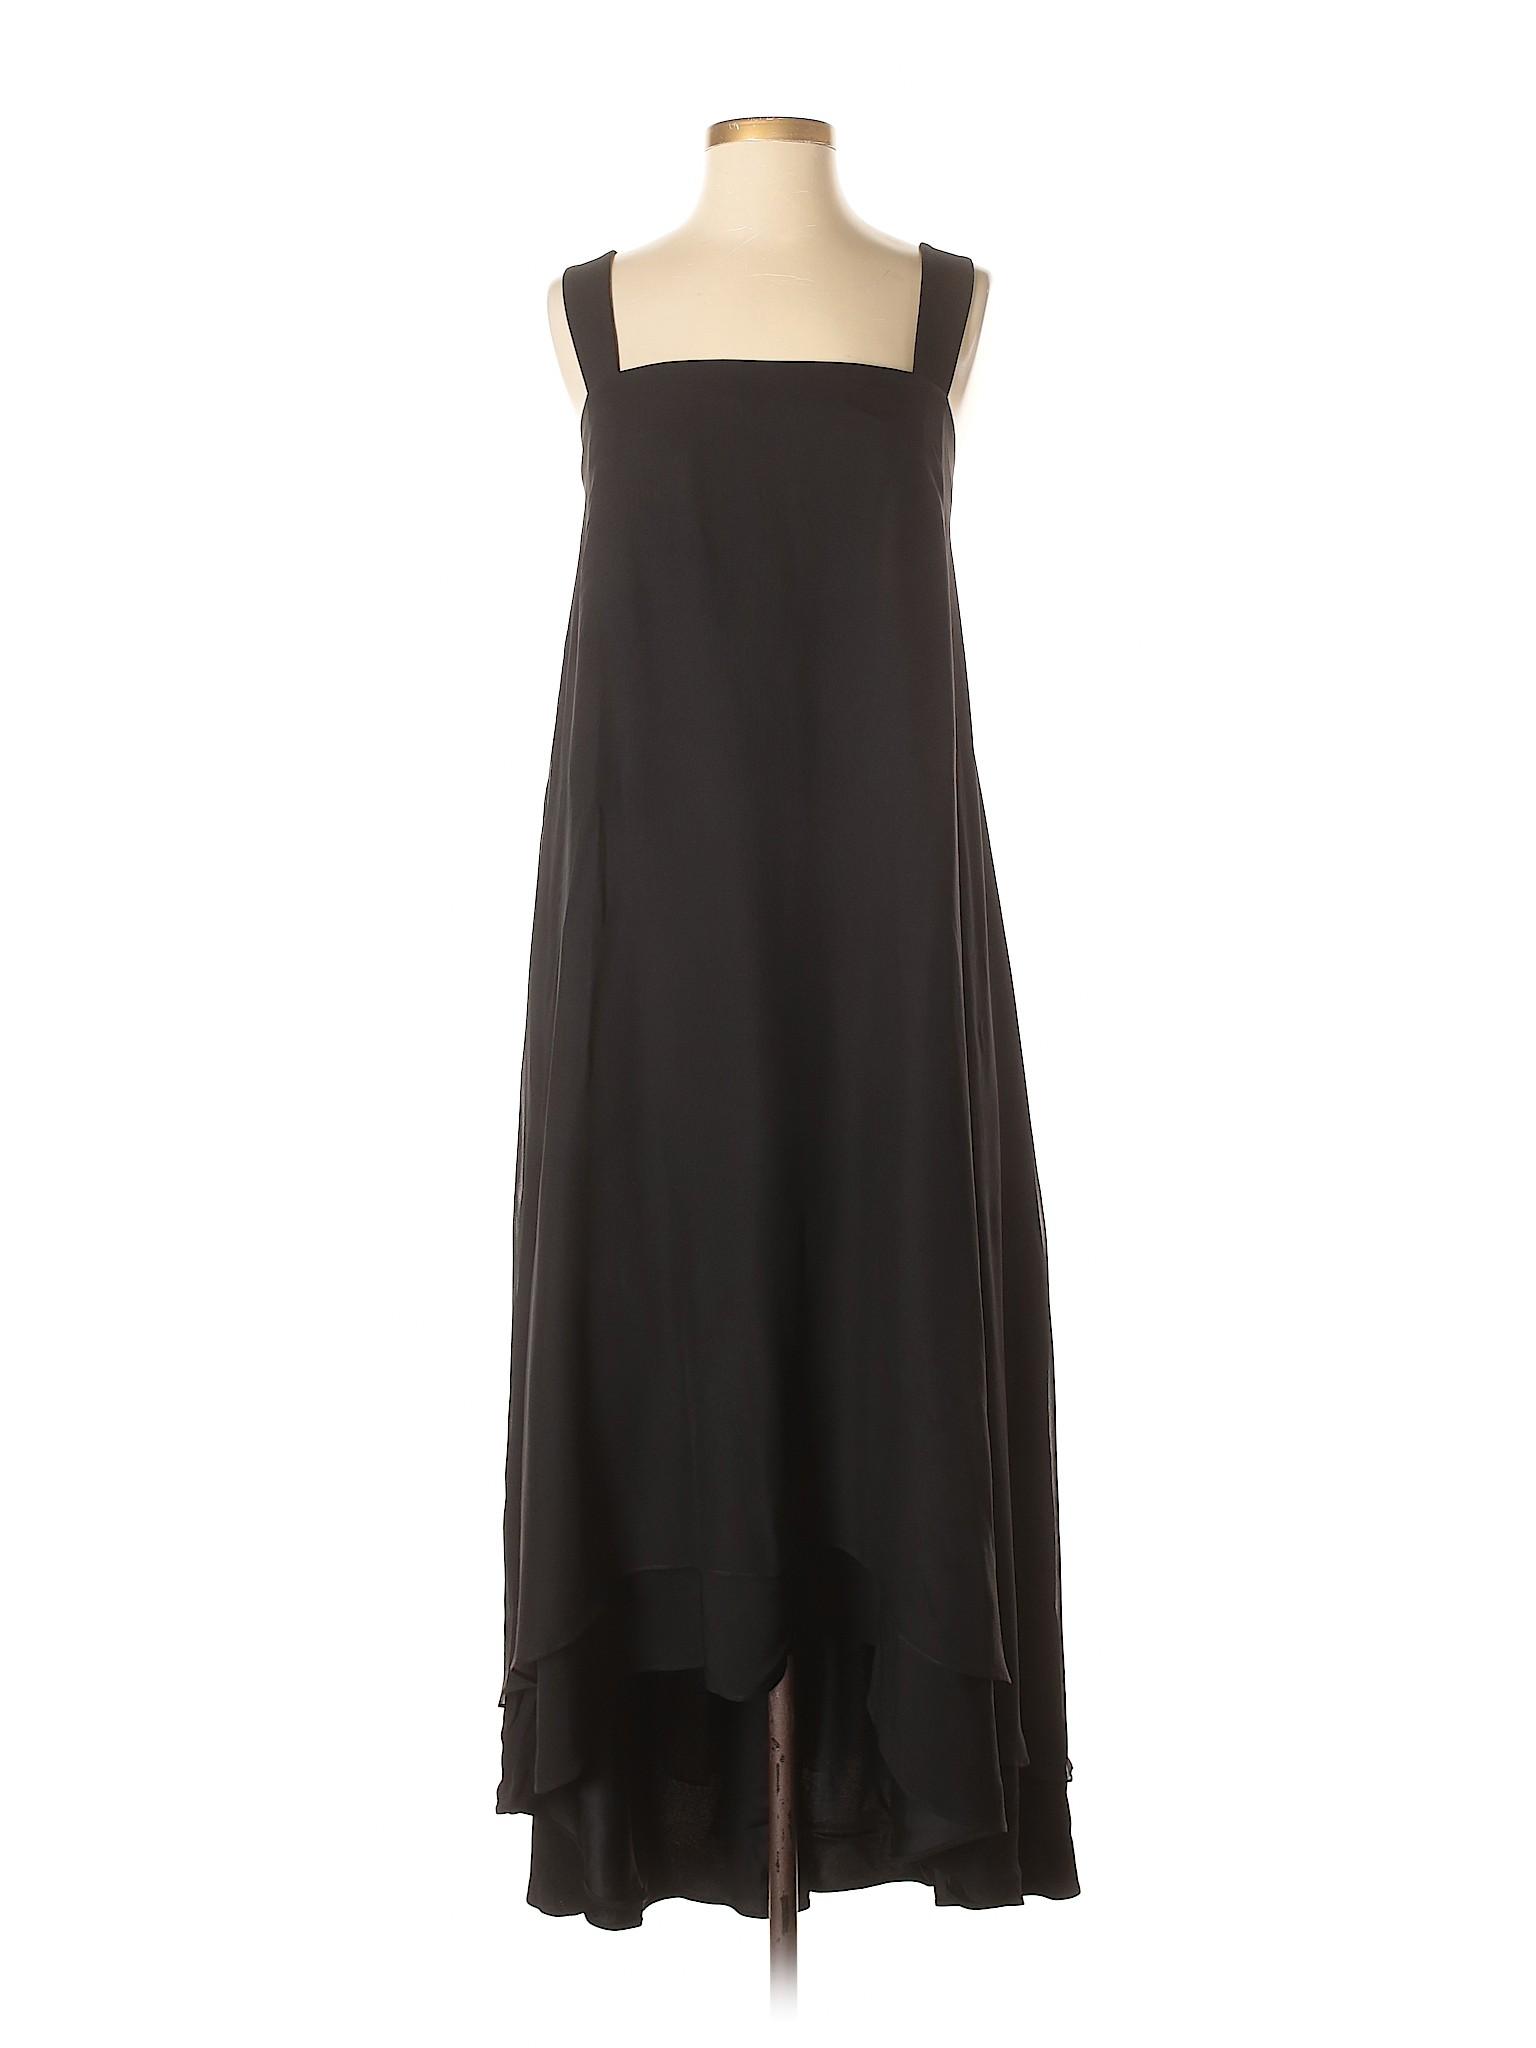 Lippes Boutique Casual Winter Adam Dress qqp1ETw4rB